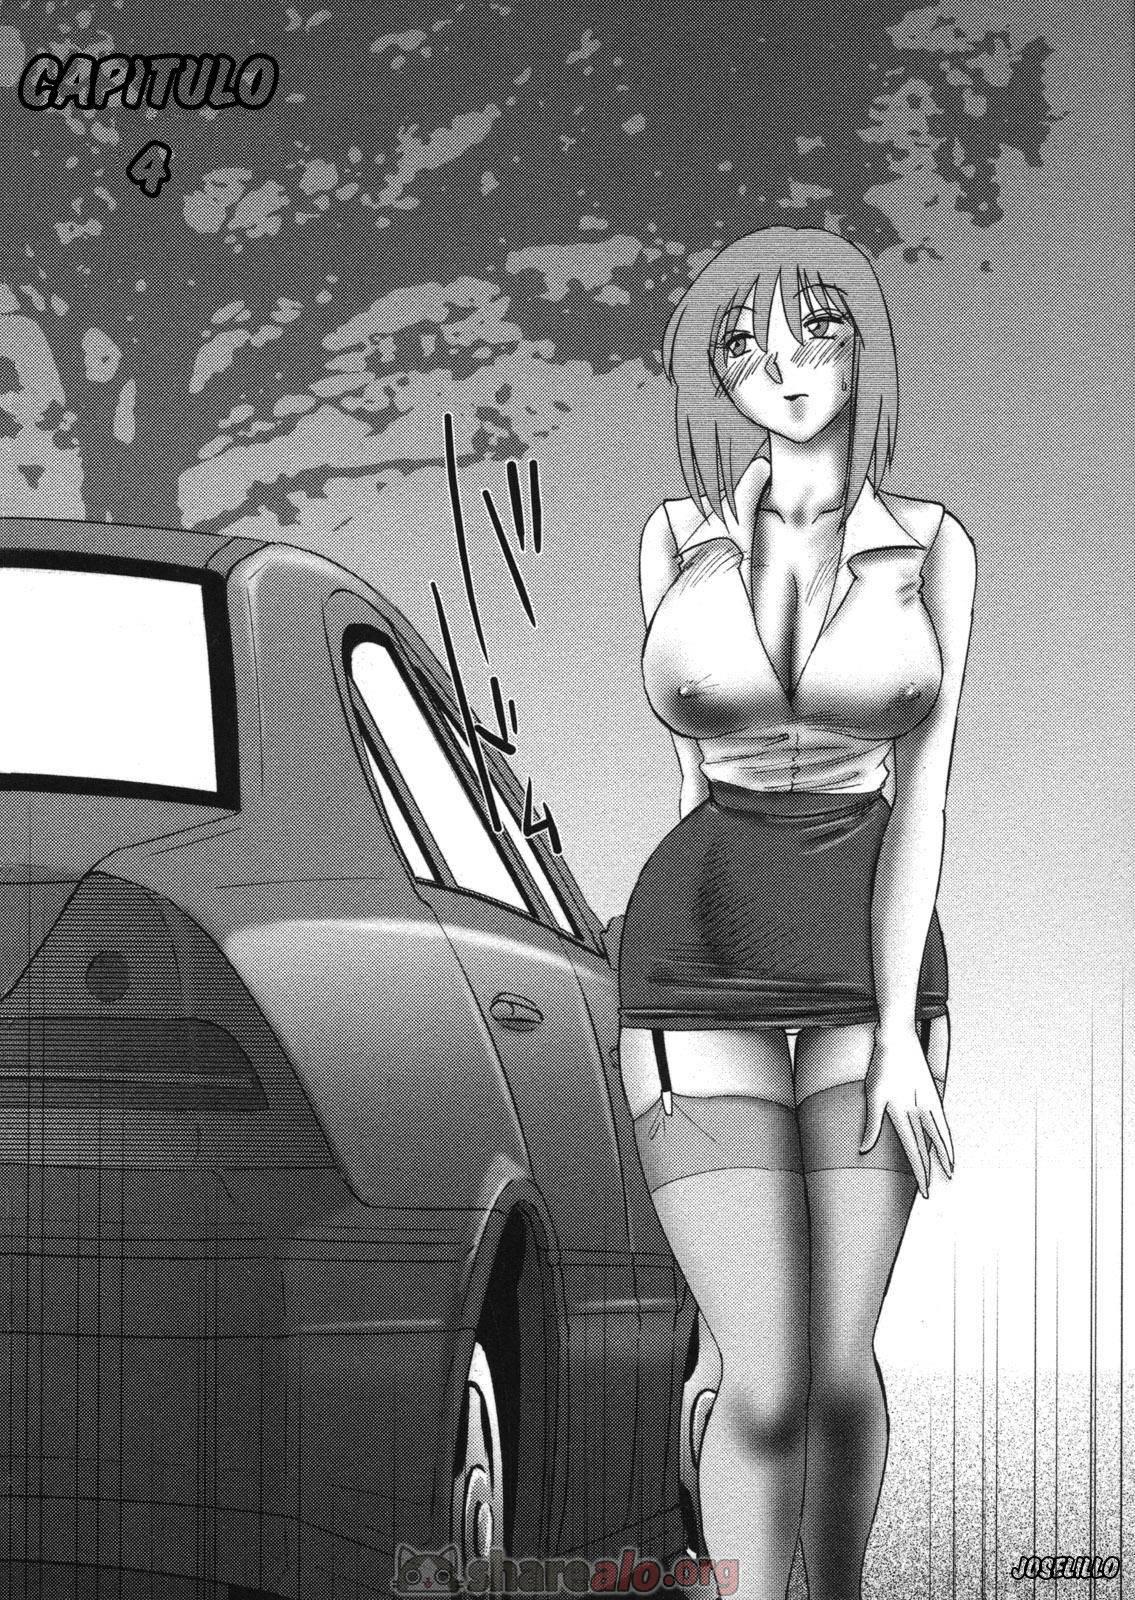 [ Boku no Aijin Manga Hentai de TsuyaTsuya ]: Comics Porno Manga Hentai [ 8uqqtbI2 ]